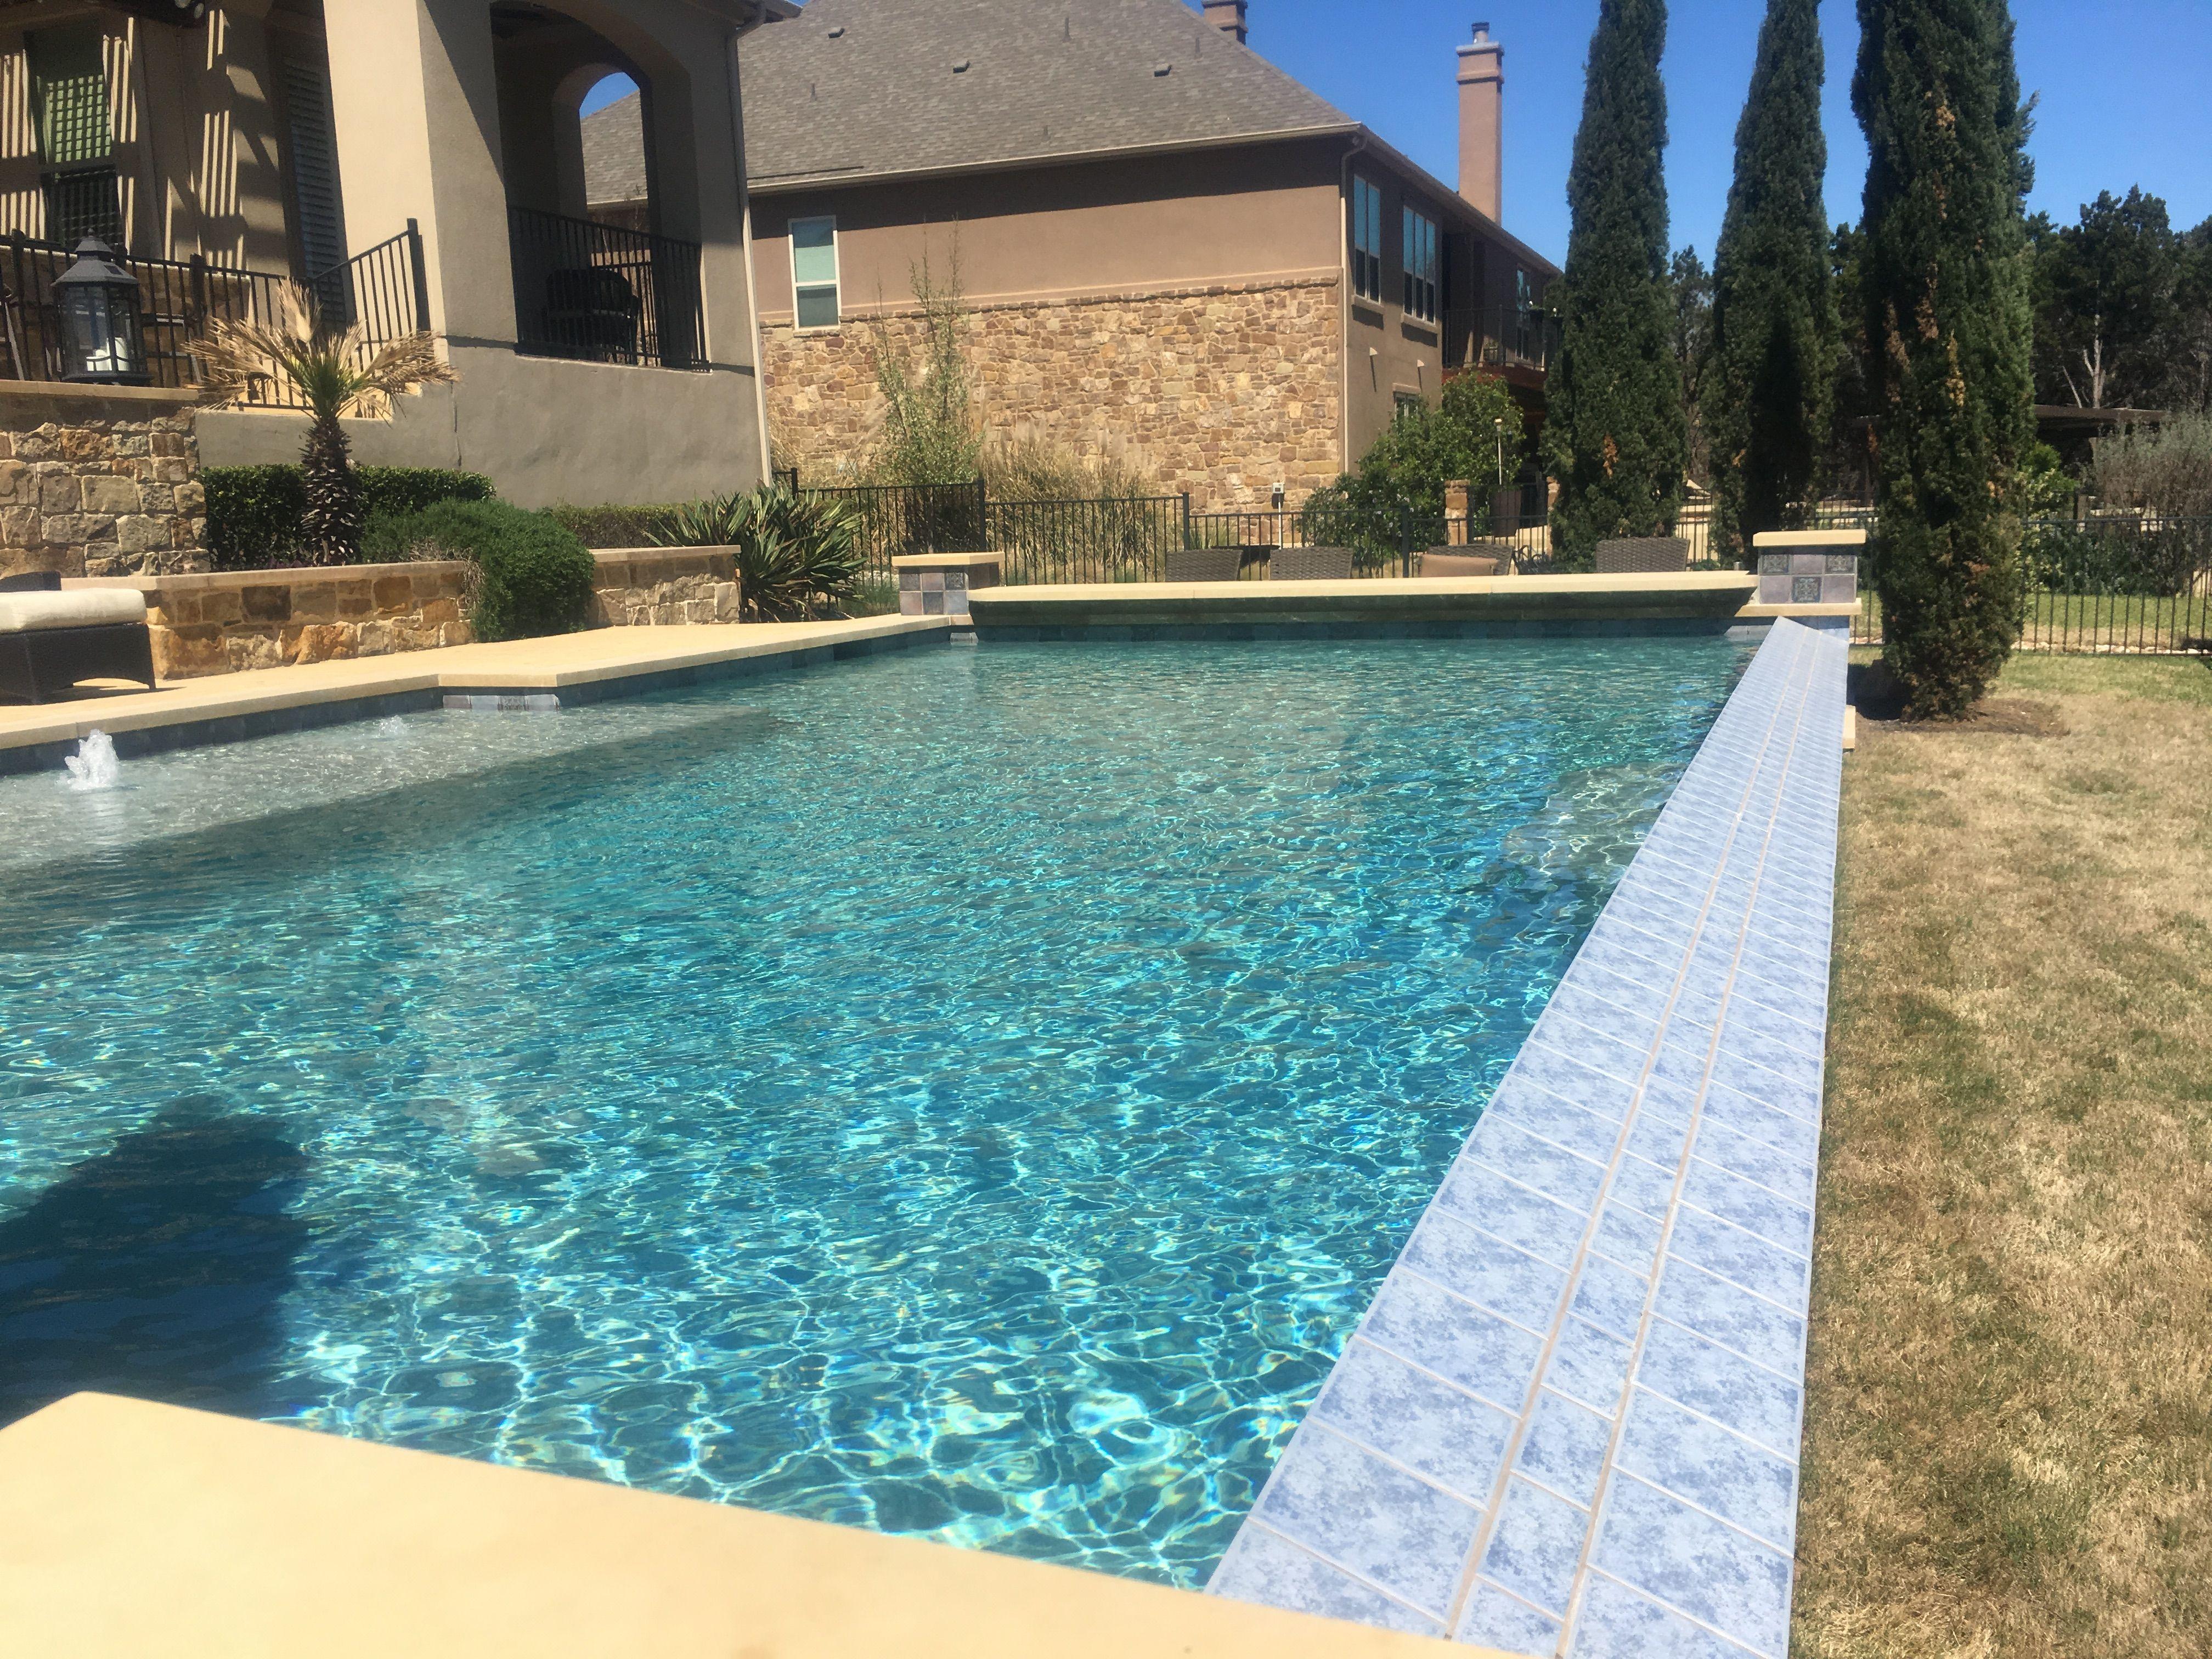 Pond Springs Custom Pools Formal pool, clean, classy edges ...